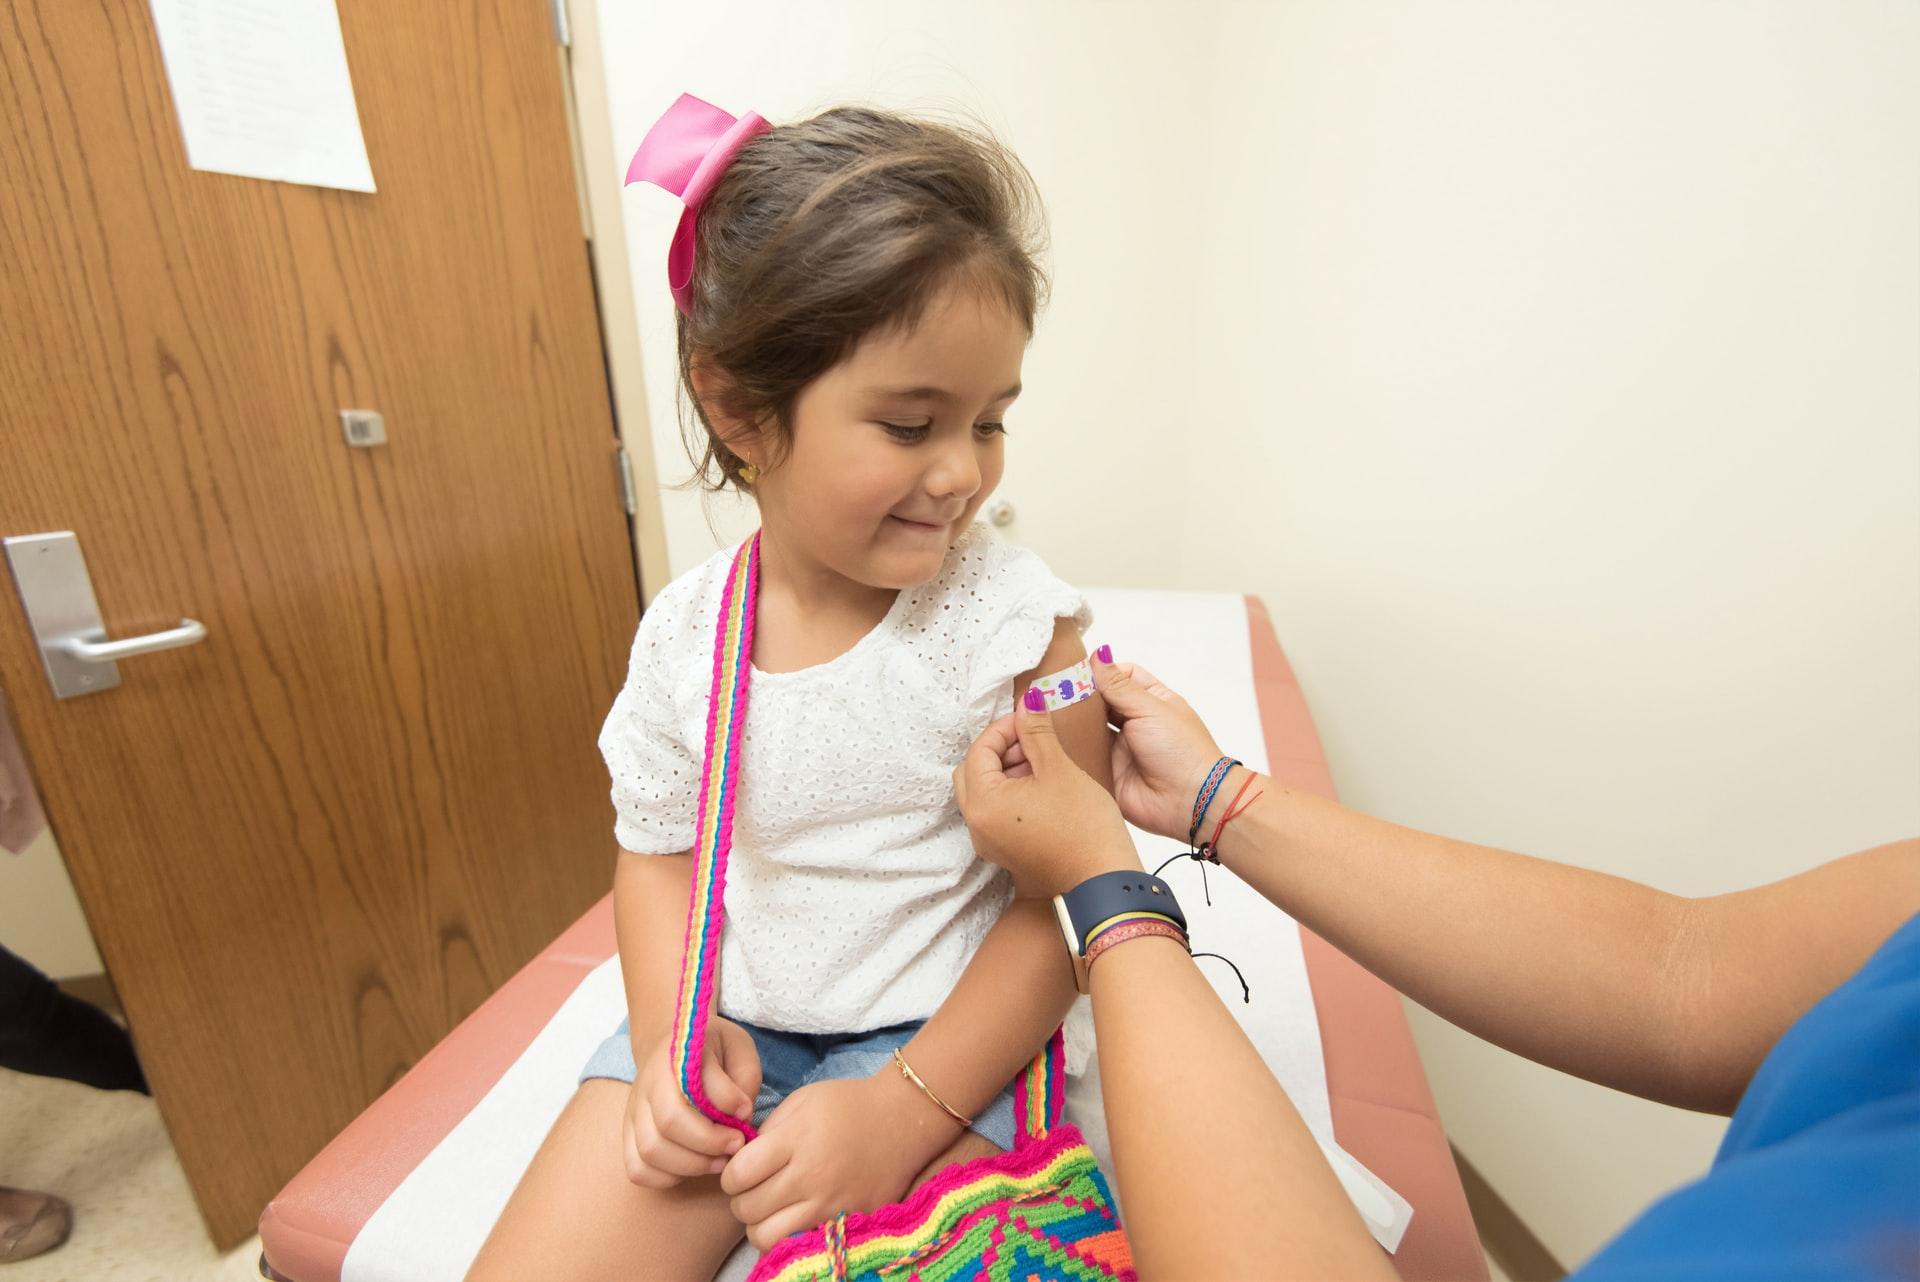 Bilim Kurulu Üyesi Prof. Dr. Serap Şimşek Yavuz yanıtladı: Çocuklara koronavirüs aşısı yapılacak mı? 'Dozu azaltılarak yapılabilir'